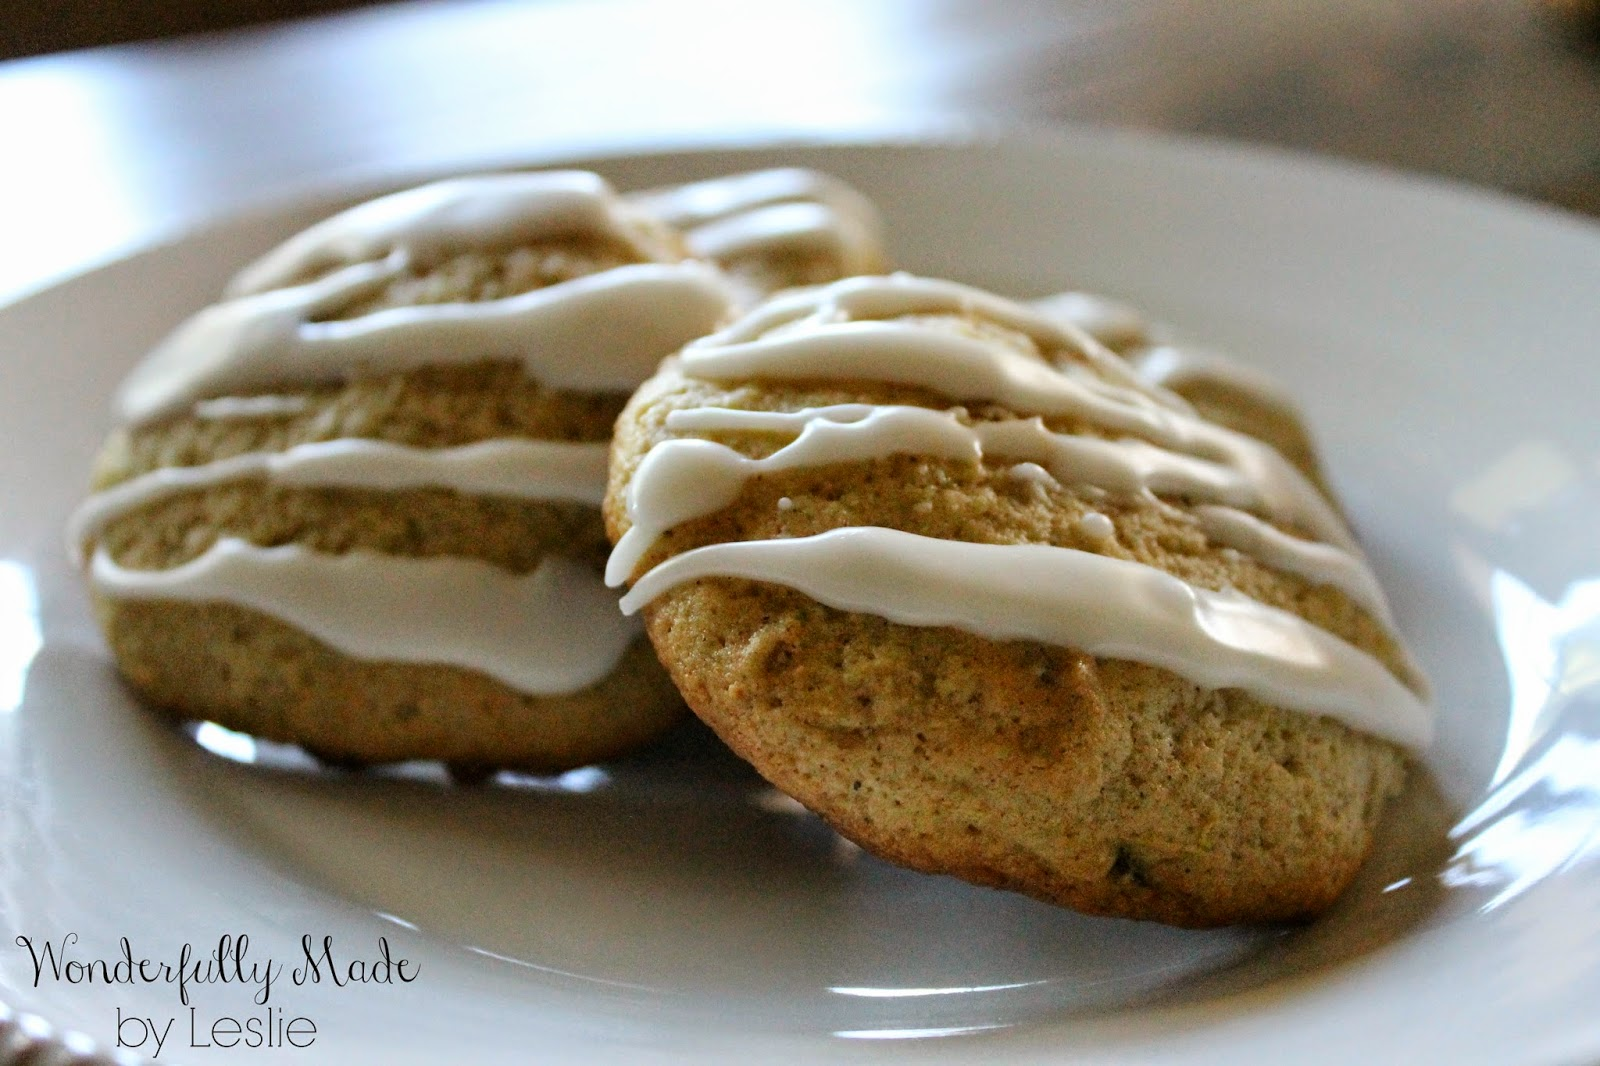 Wonderfully Made: Lemon Zucchini Cookies